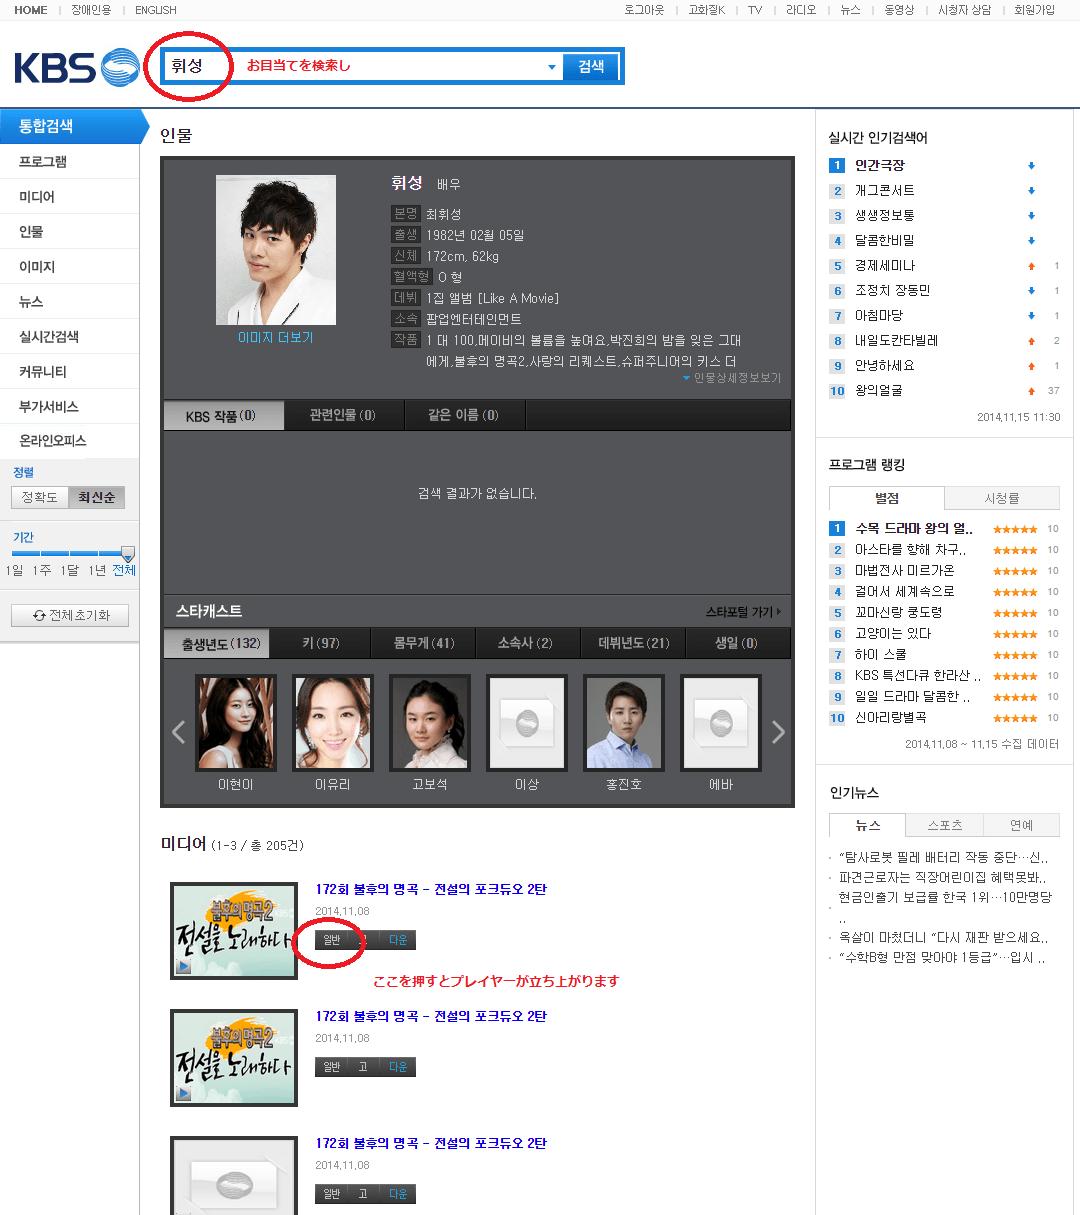 KBS-media